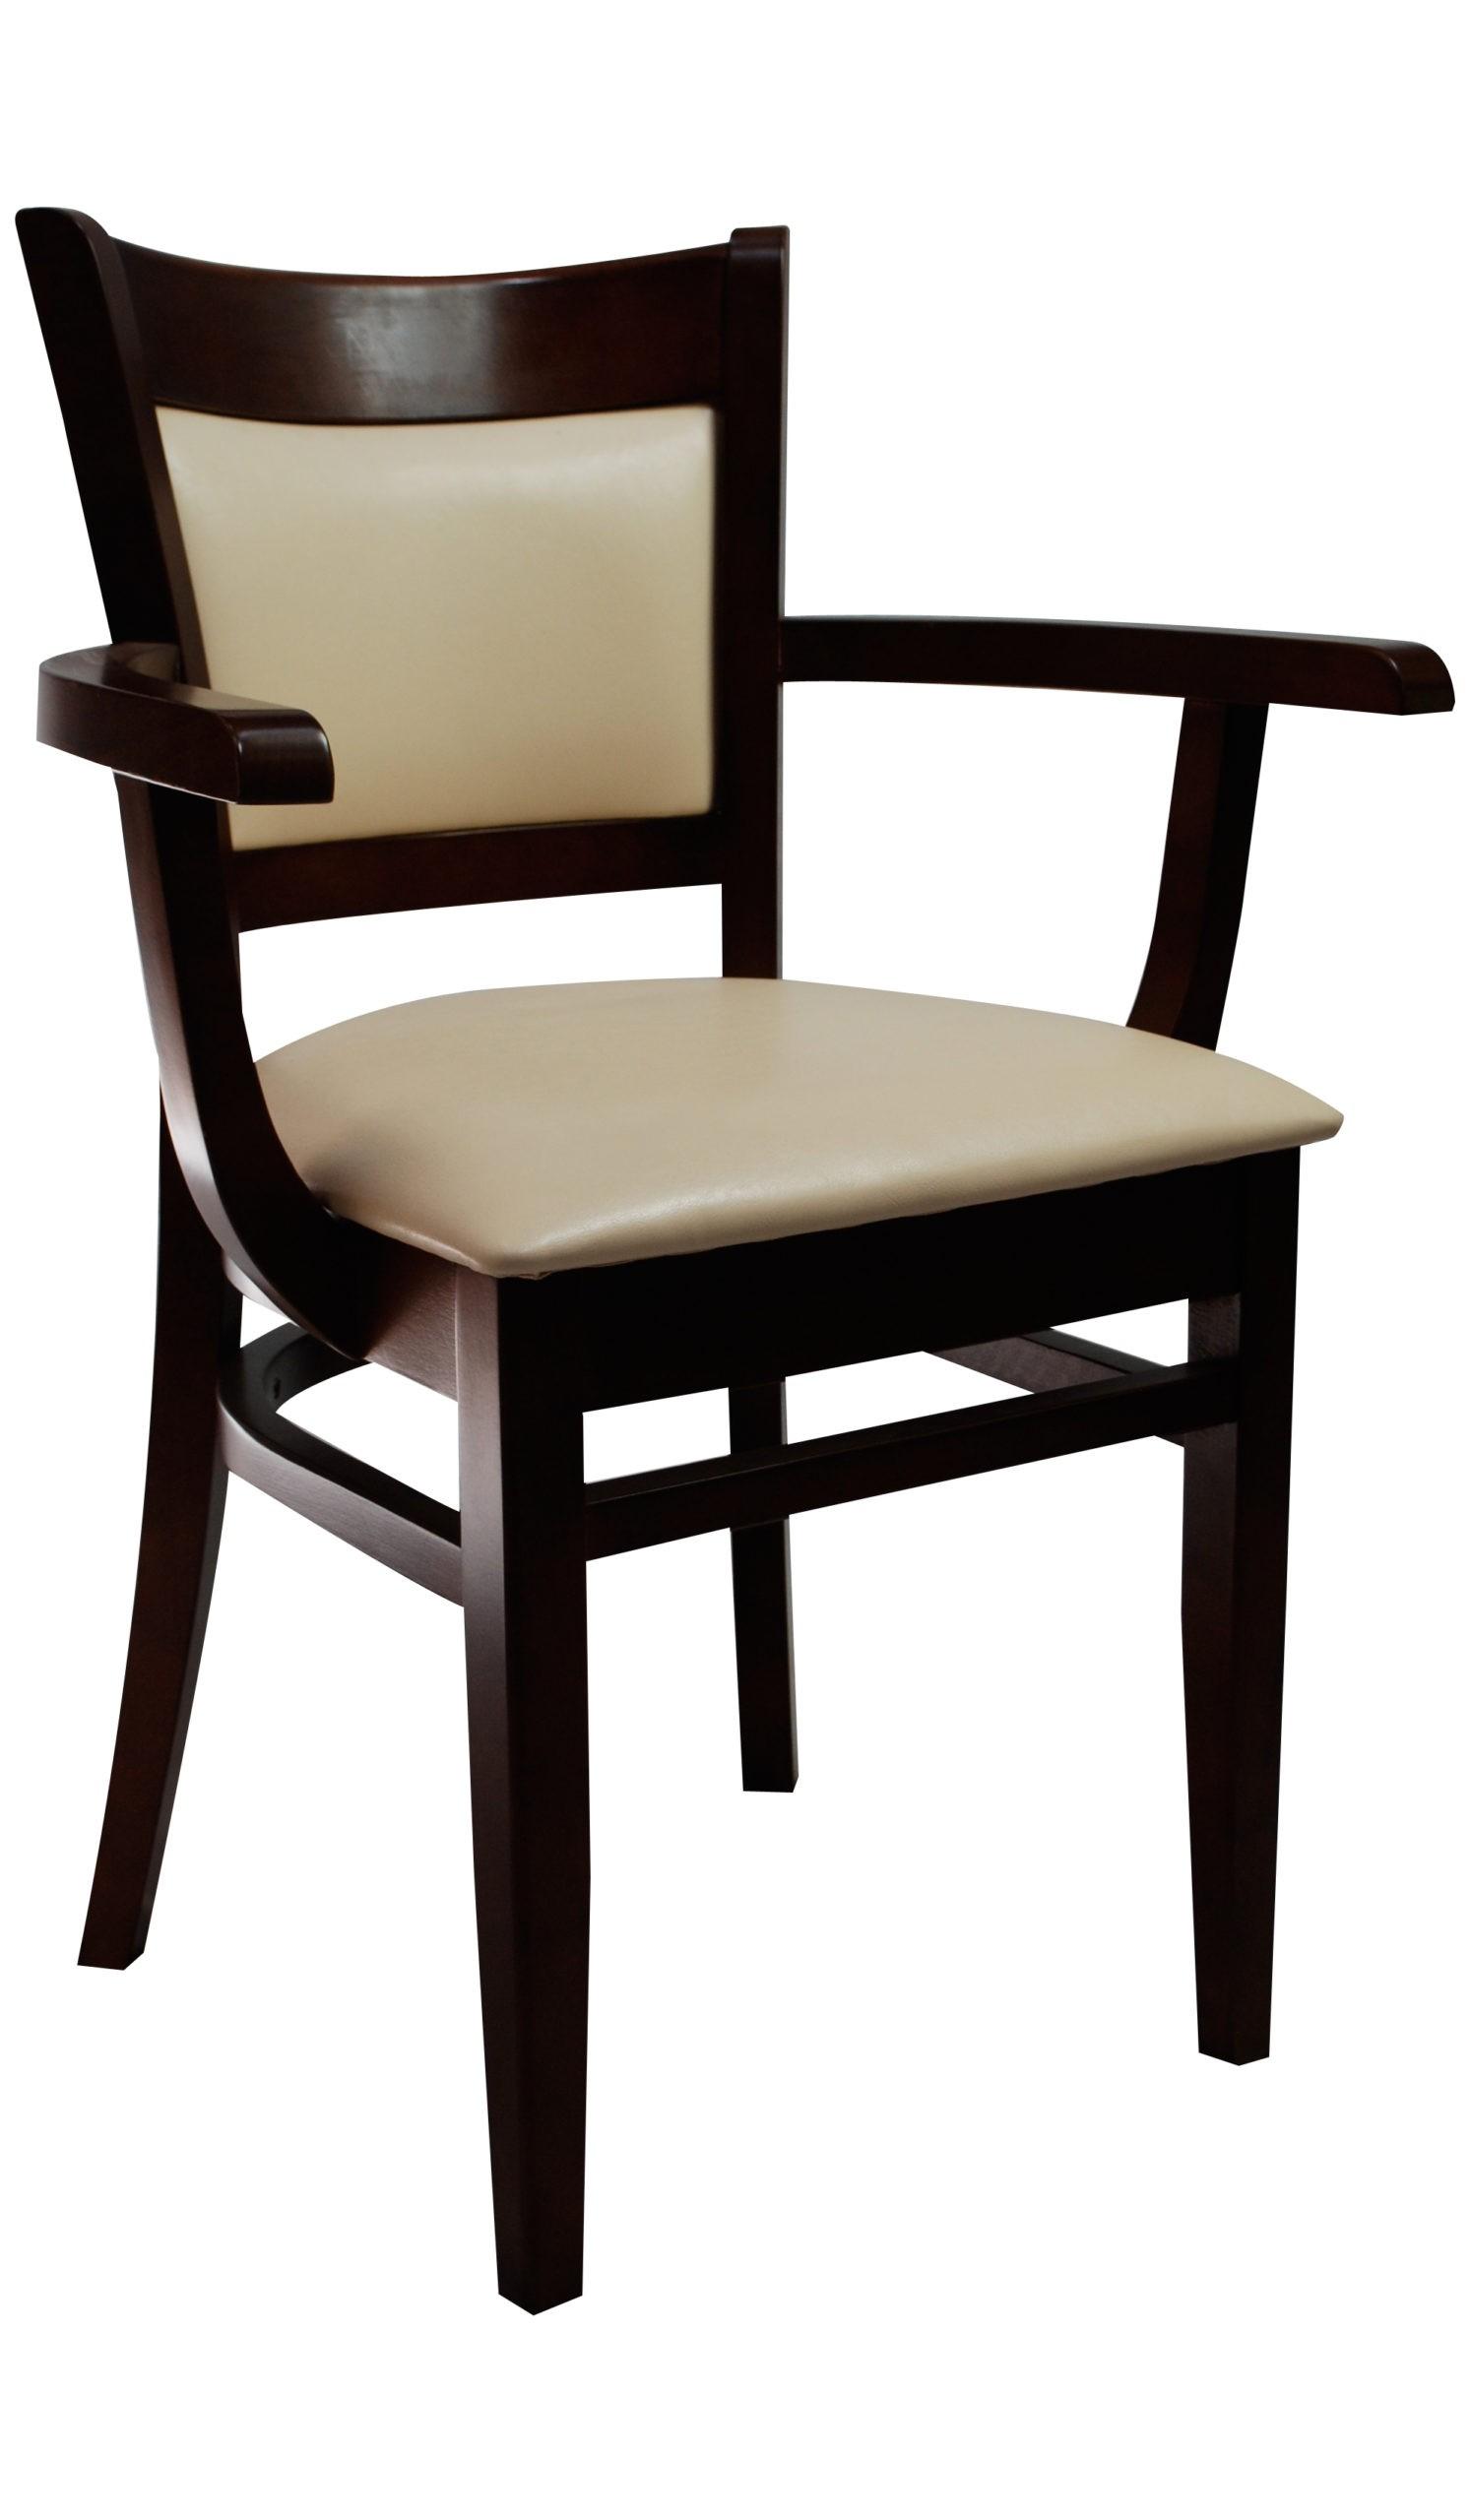 Wygodne Krzesło Do Salonu Kuchni Jadalni KT 57 z podłokietnikami